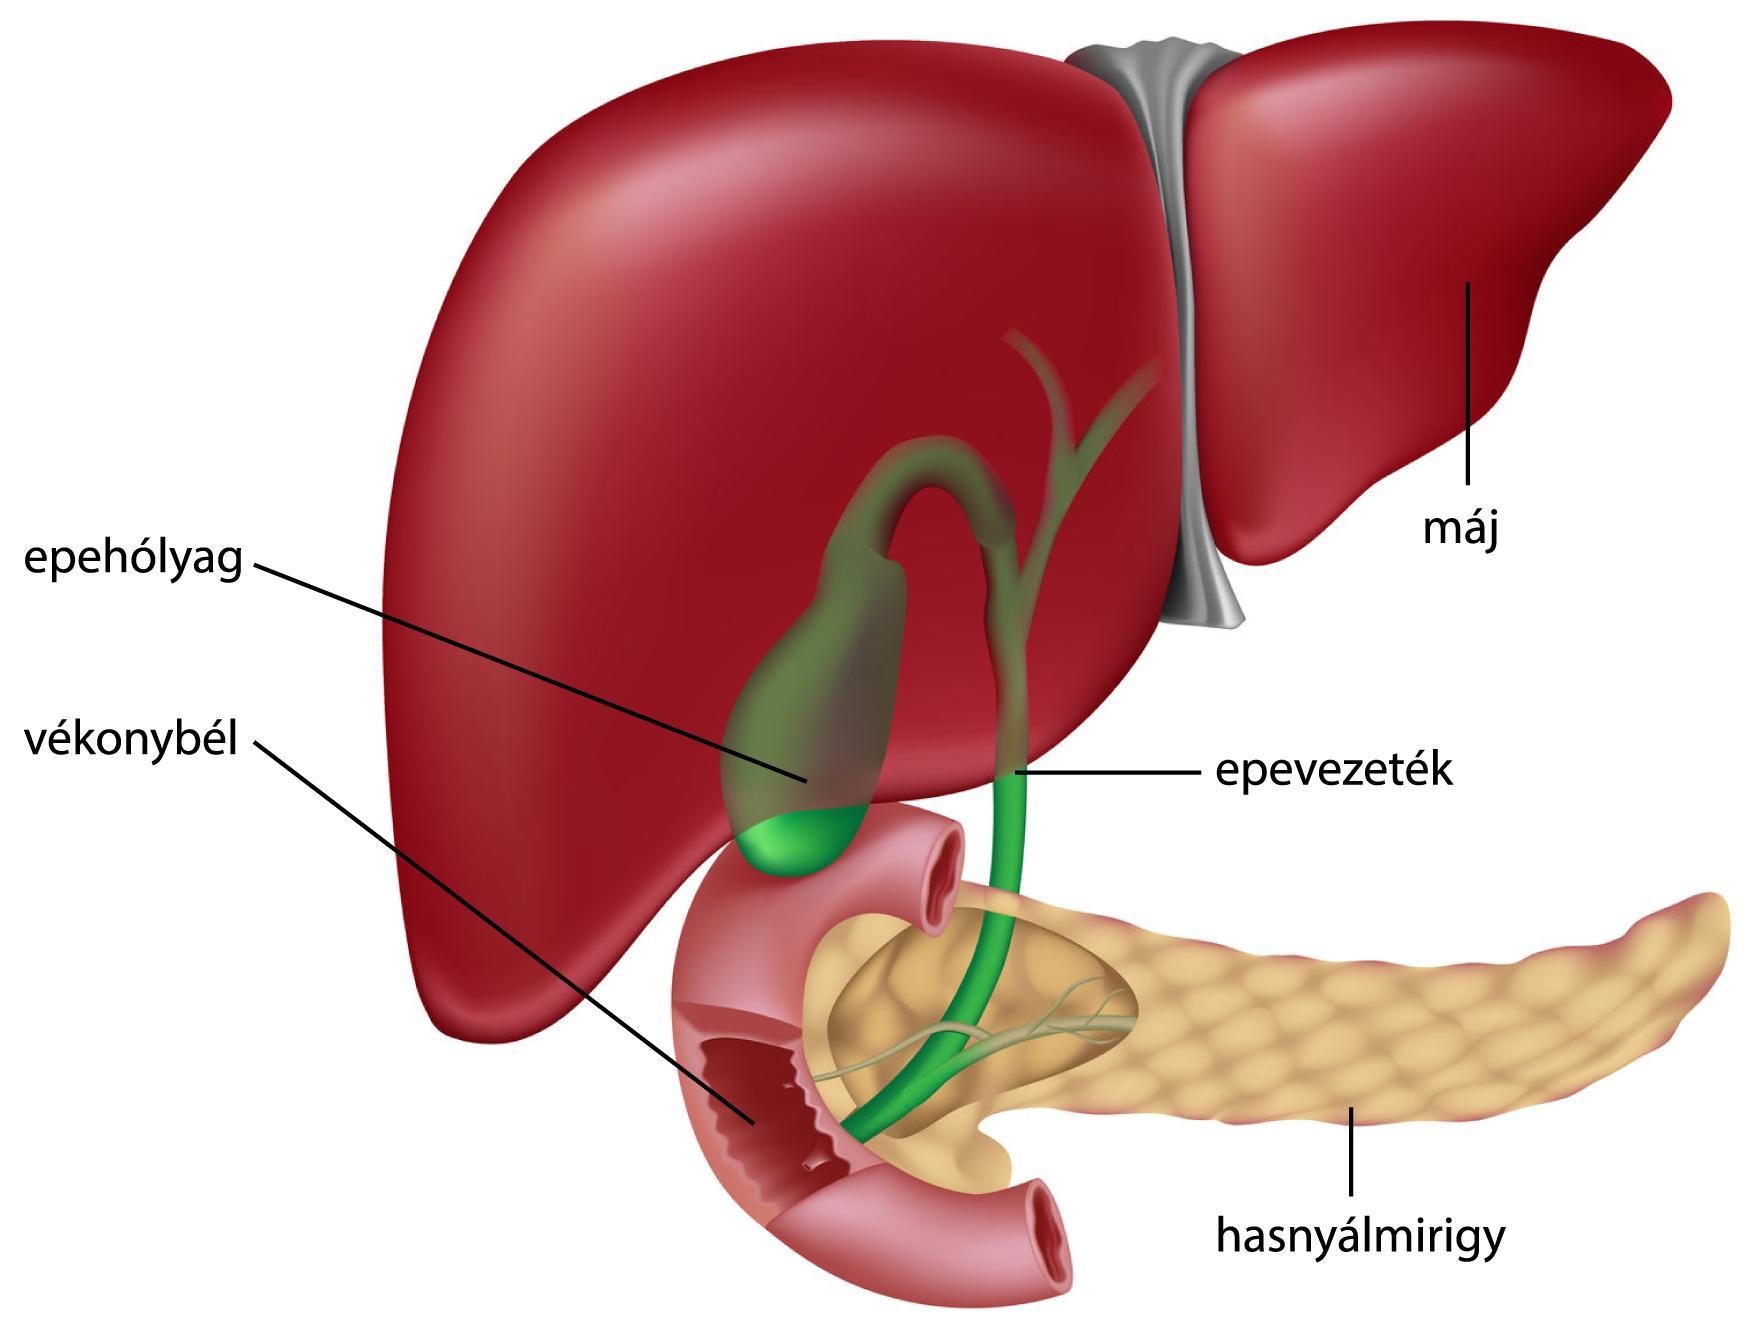 Tisztítsa meg a belek szagát a szájból. Kapcsolódó tünetek